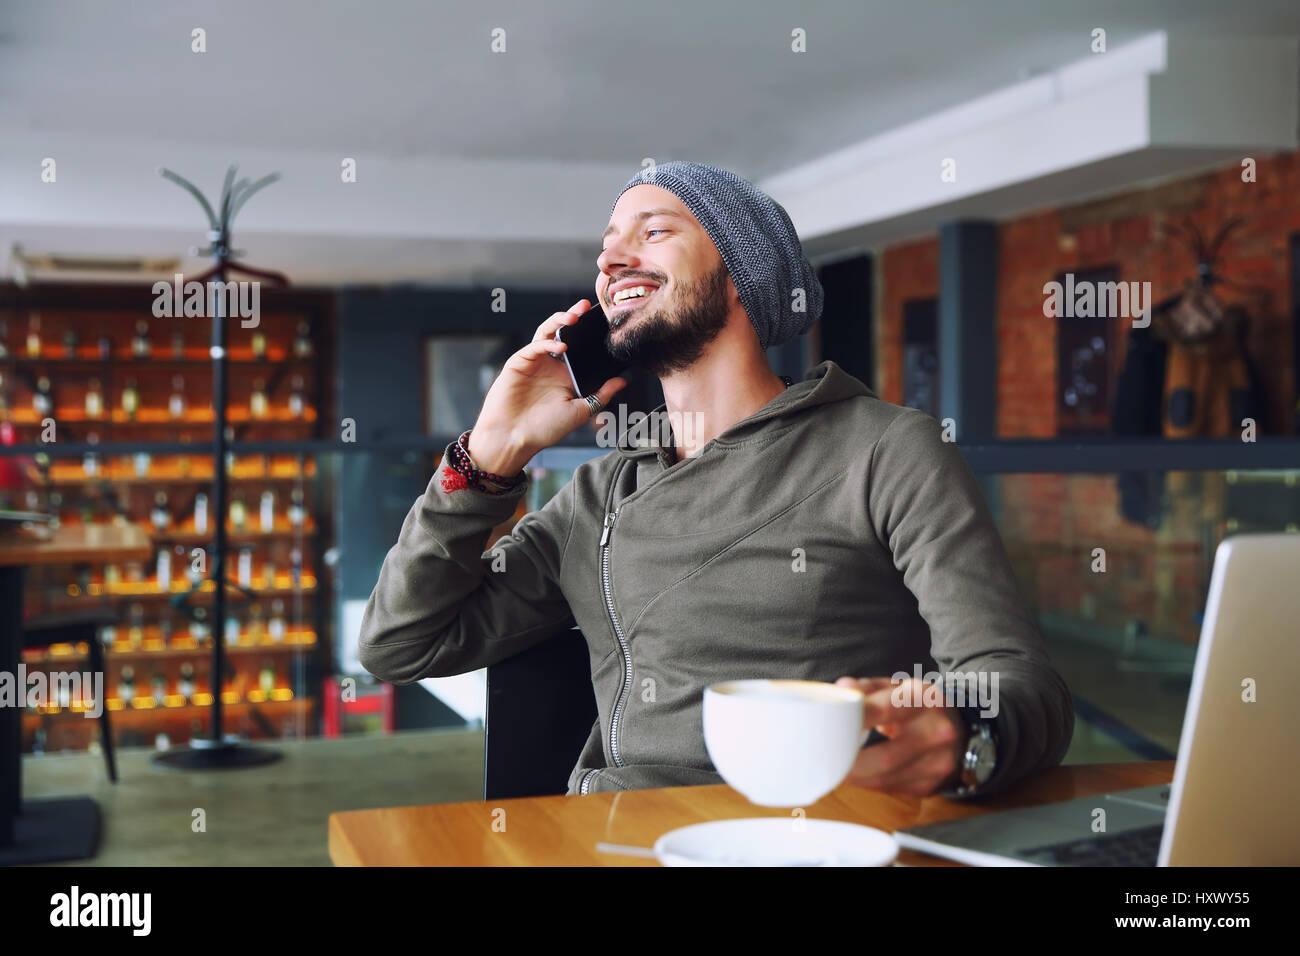 Beau jeune homme hipster avec barbe, assis dans un café à parler téléphone mobile, holding tasse Photo Stock